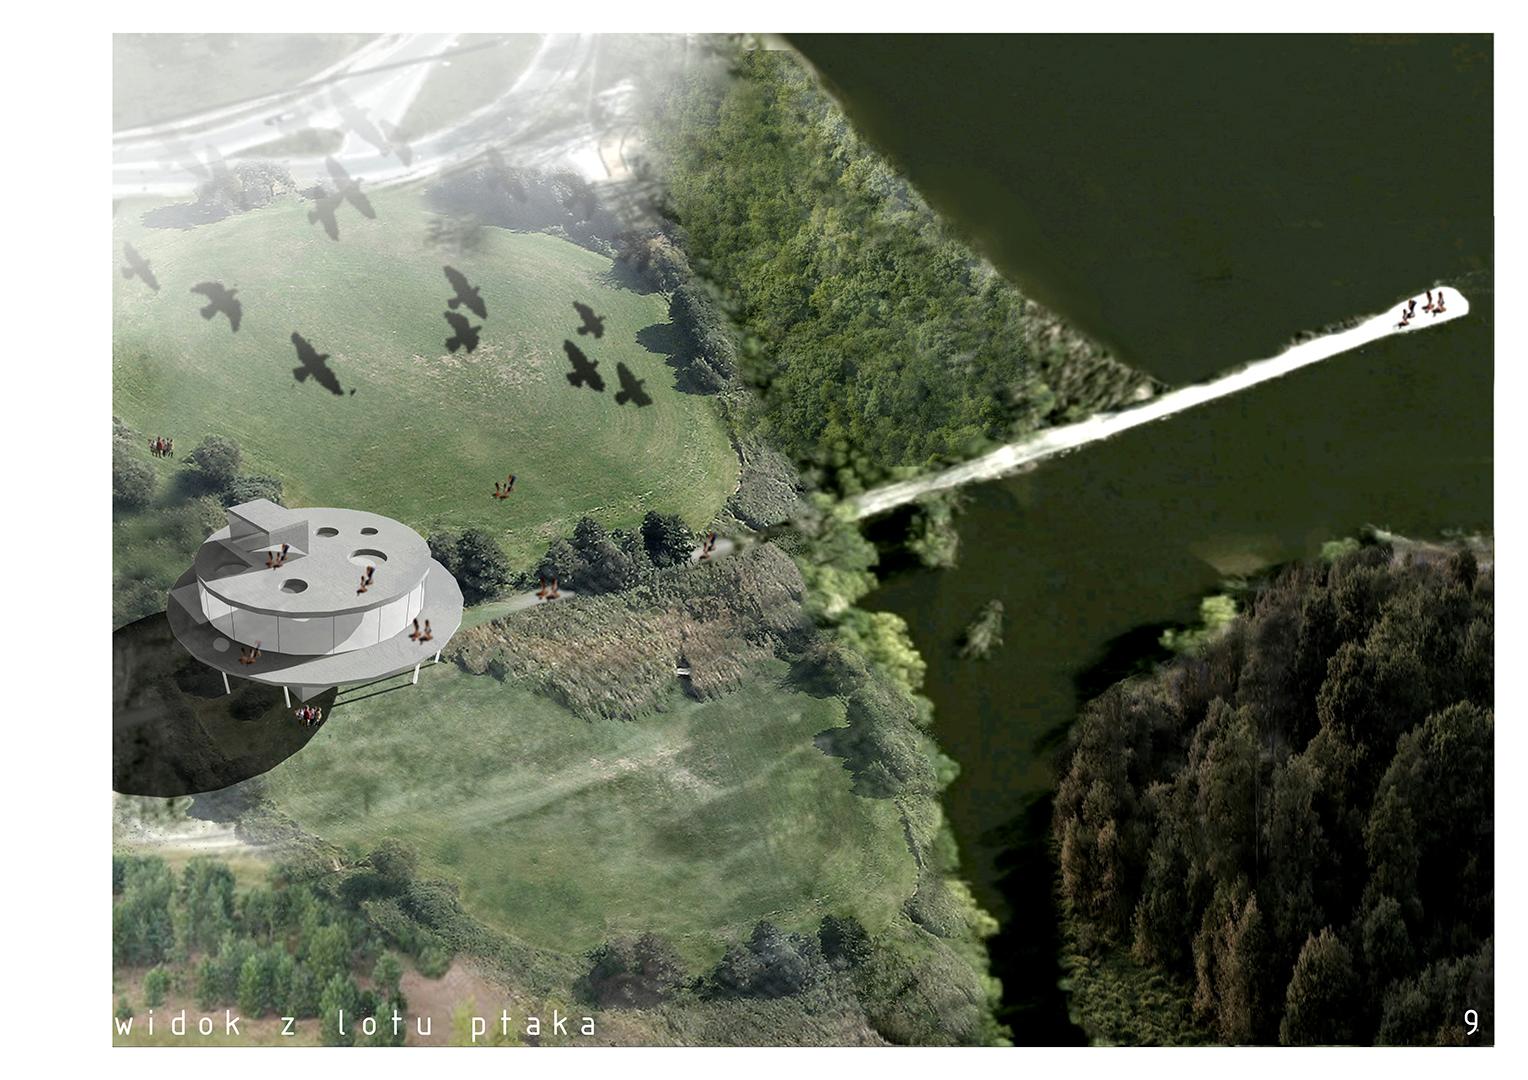 Pawilon edukacyjny - widok z lotu ptaka